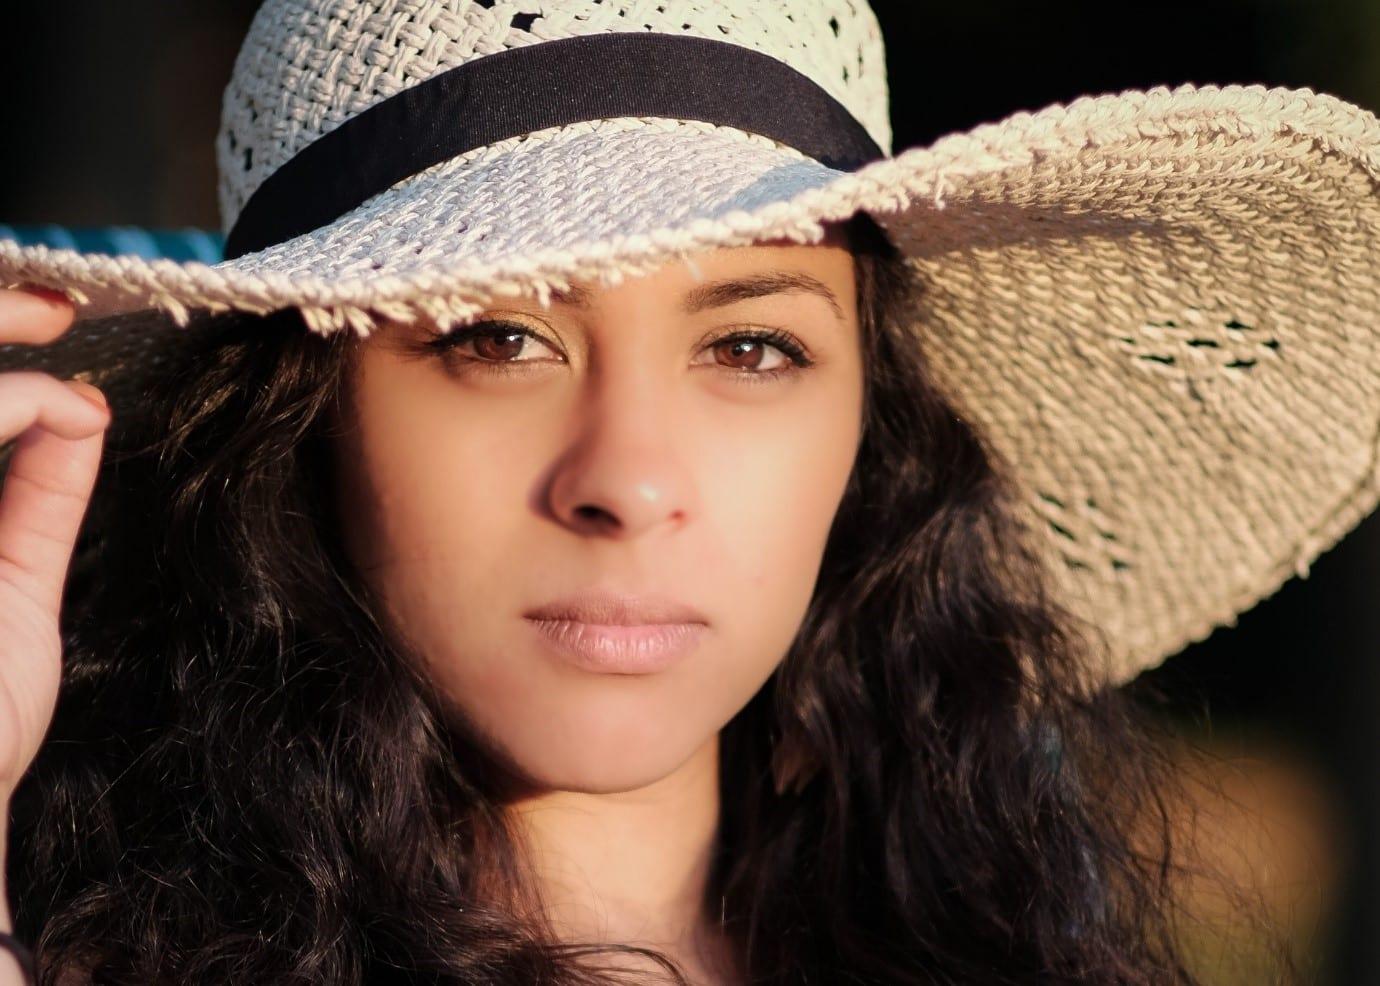 Sun damaged skin